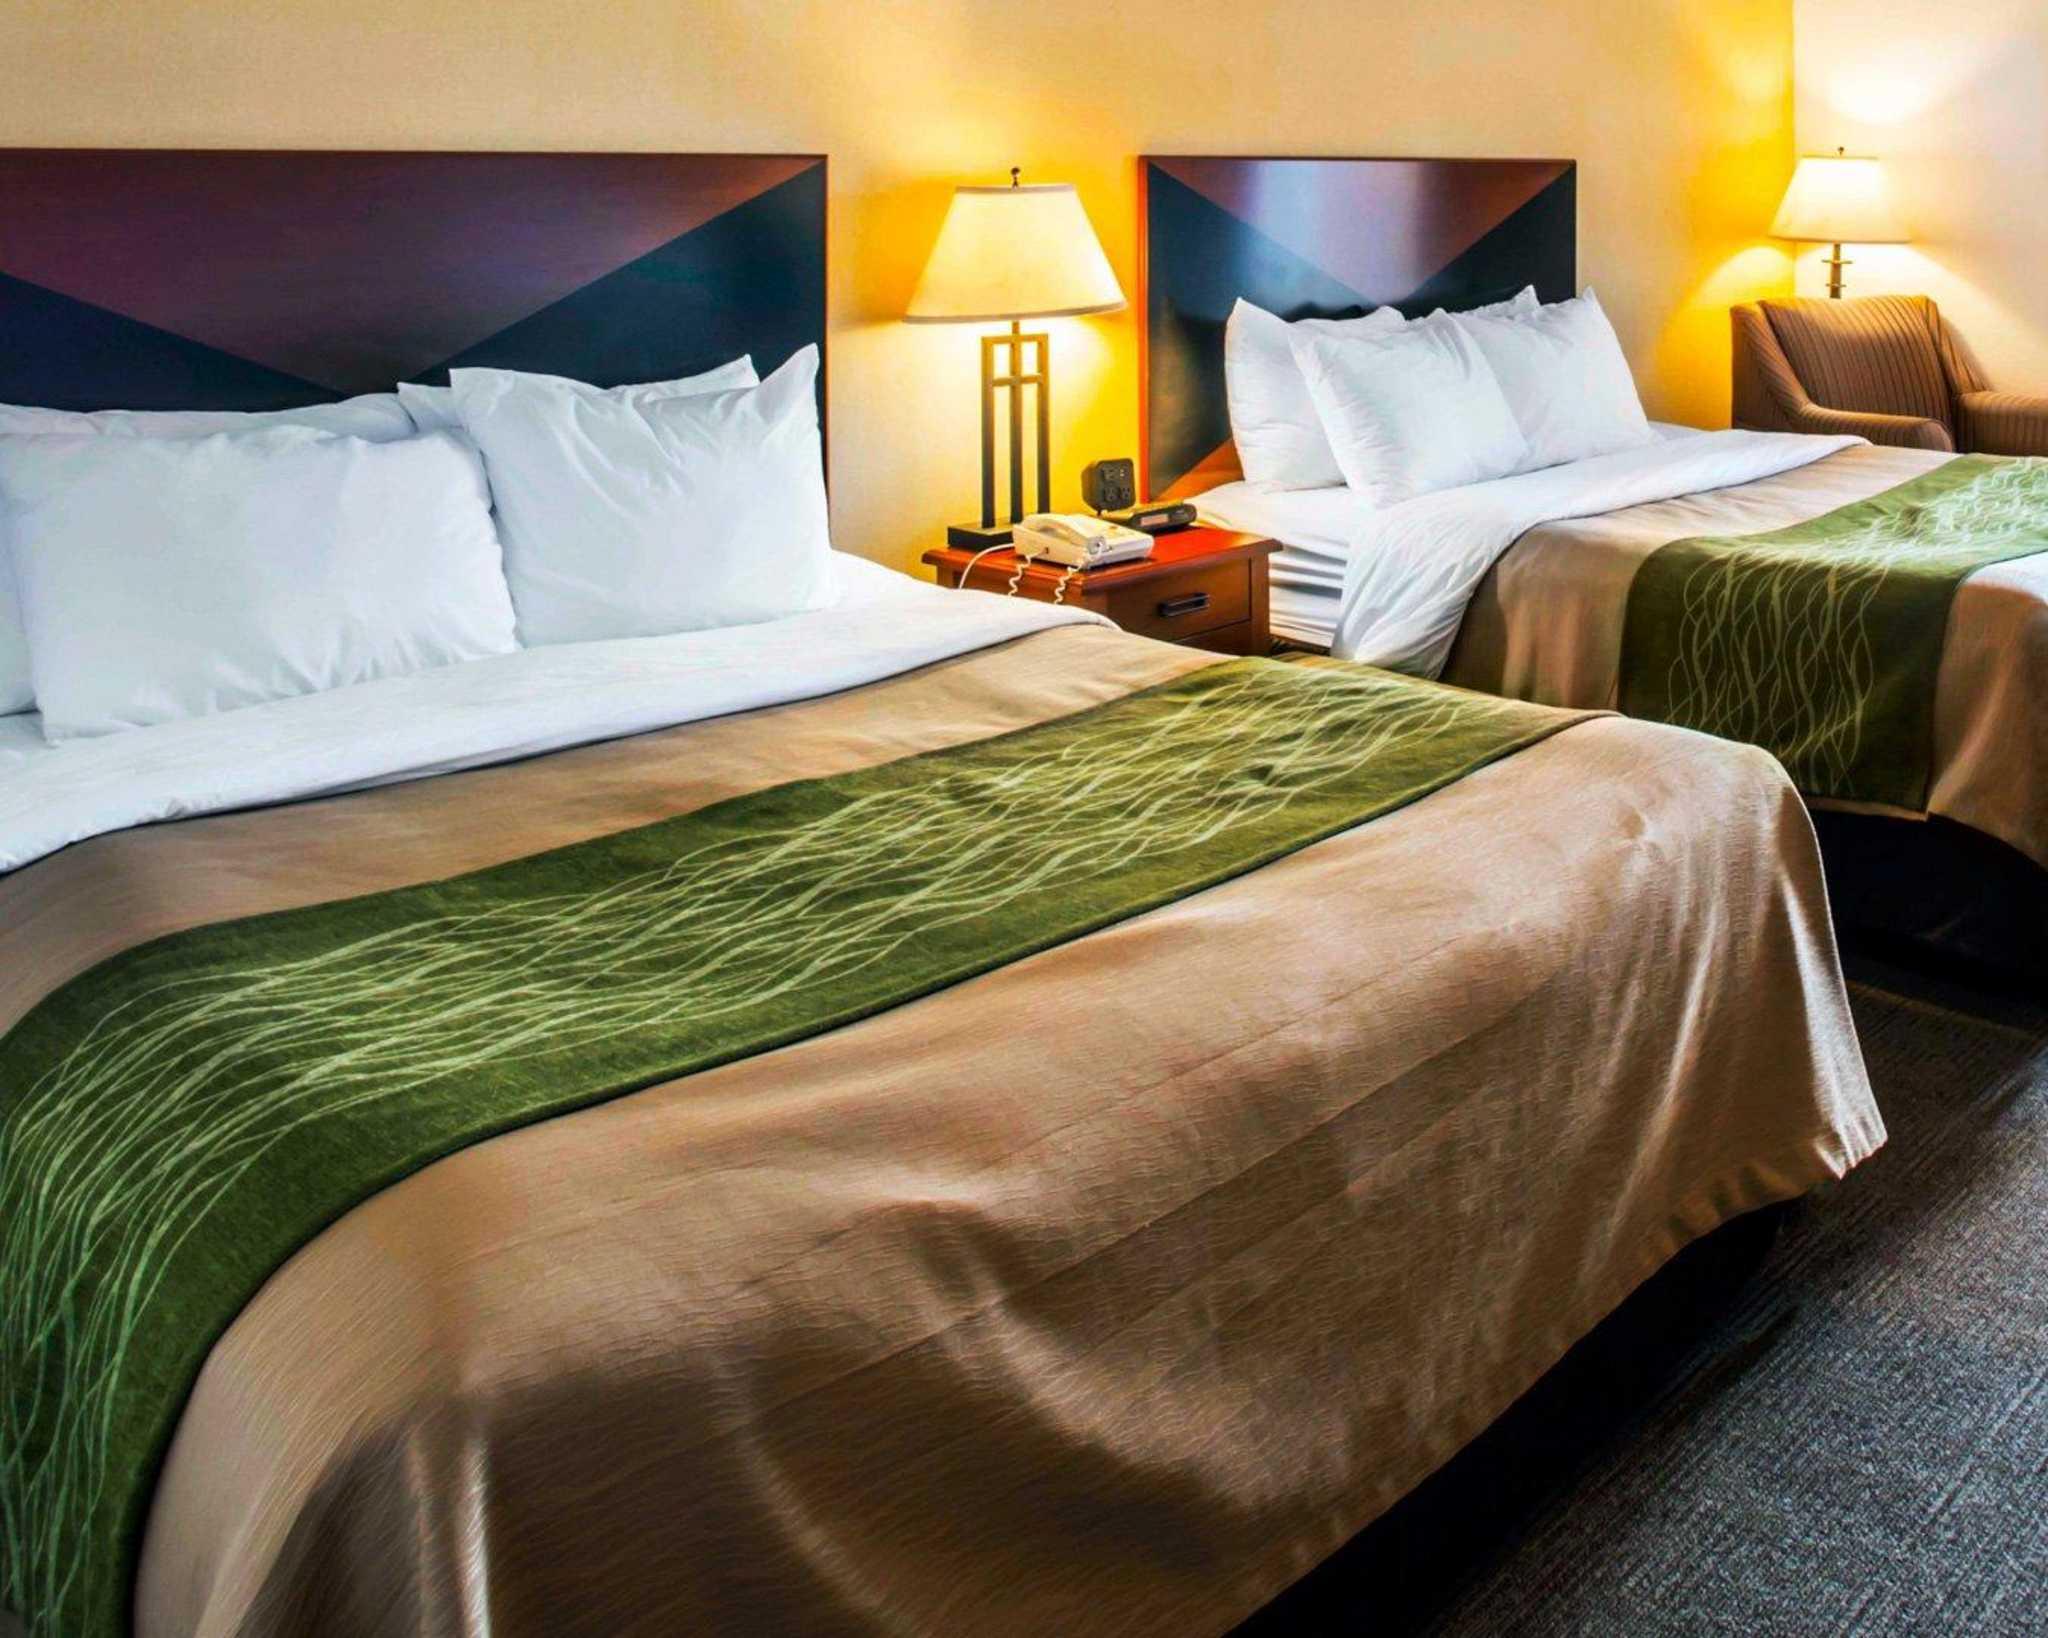 Comfort Inn & Suites Greenville I-70 image 19